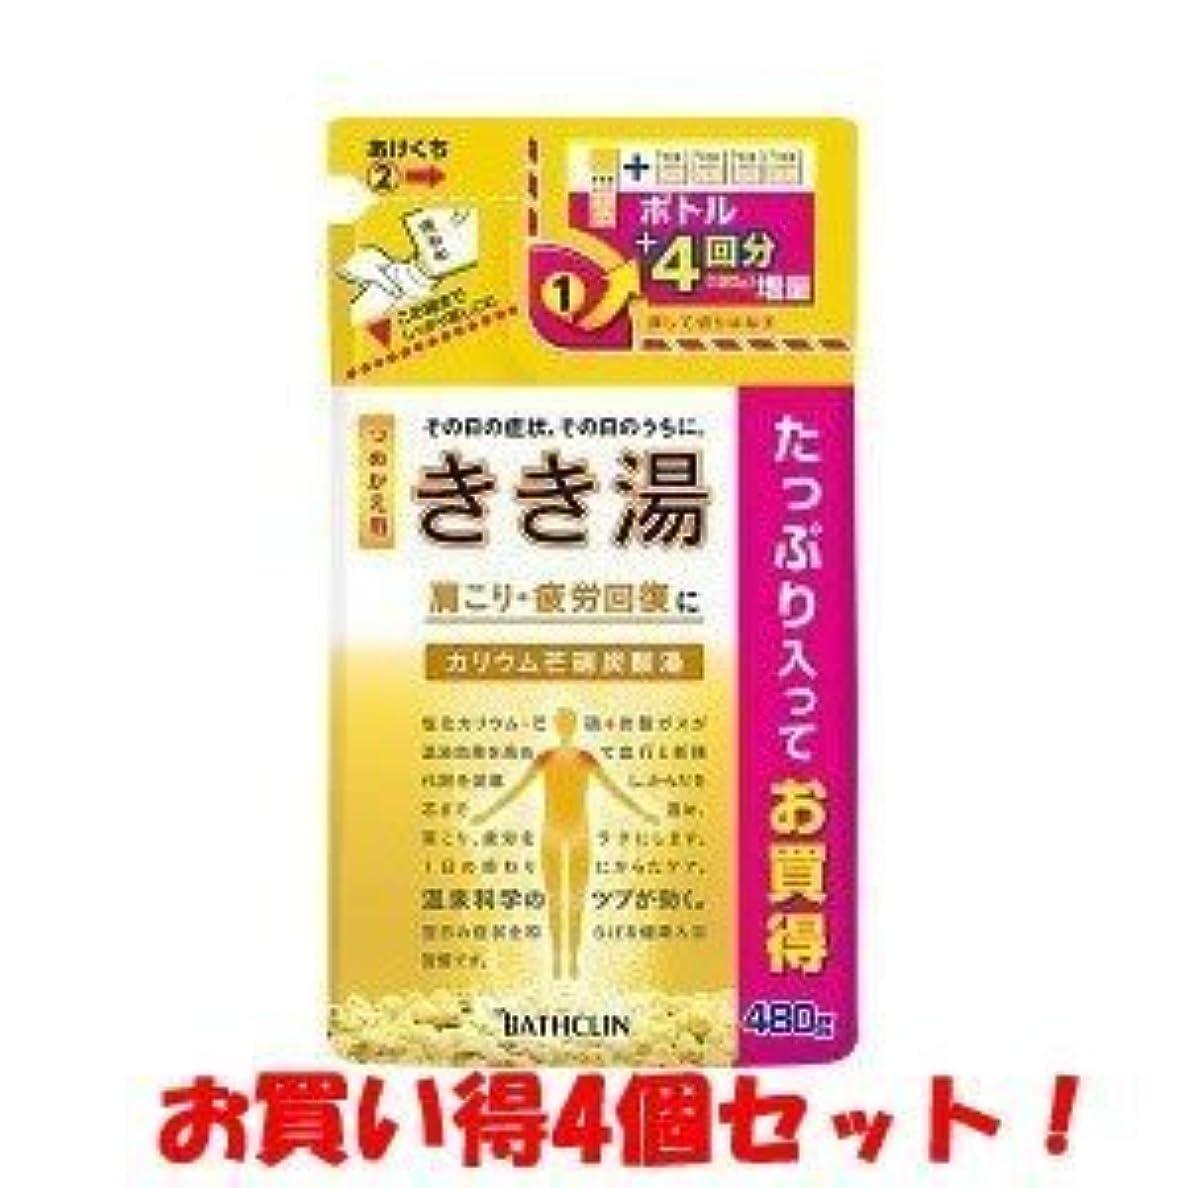 合併症無実テクトニック(バスクリン)きき湯 カリウム芒硝炭酸湯 つめかえ用 480g(医薬部外品)(お買い得4個セット)